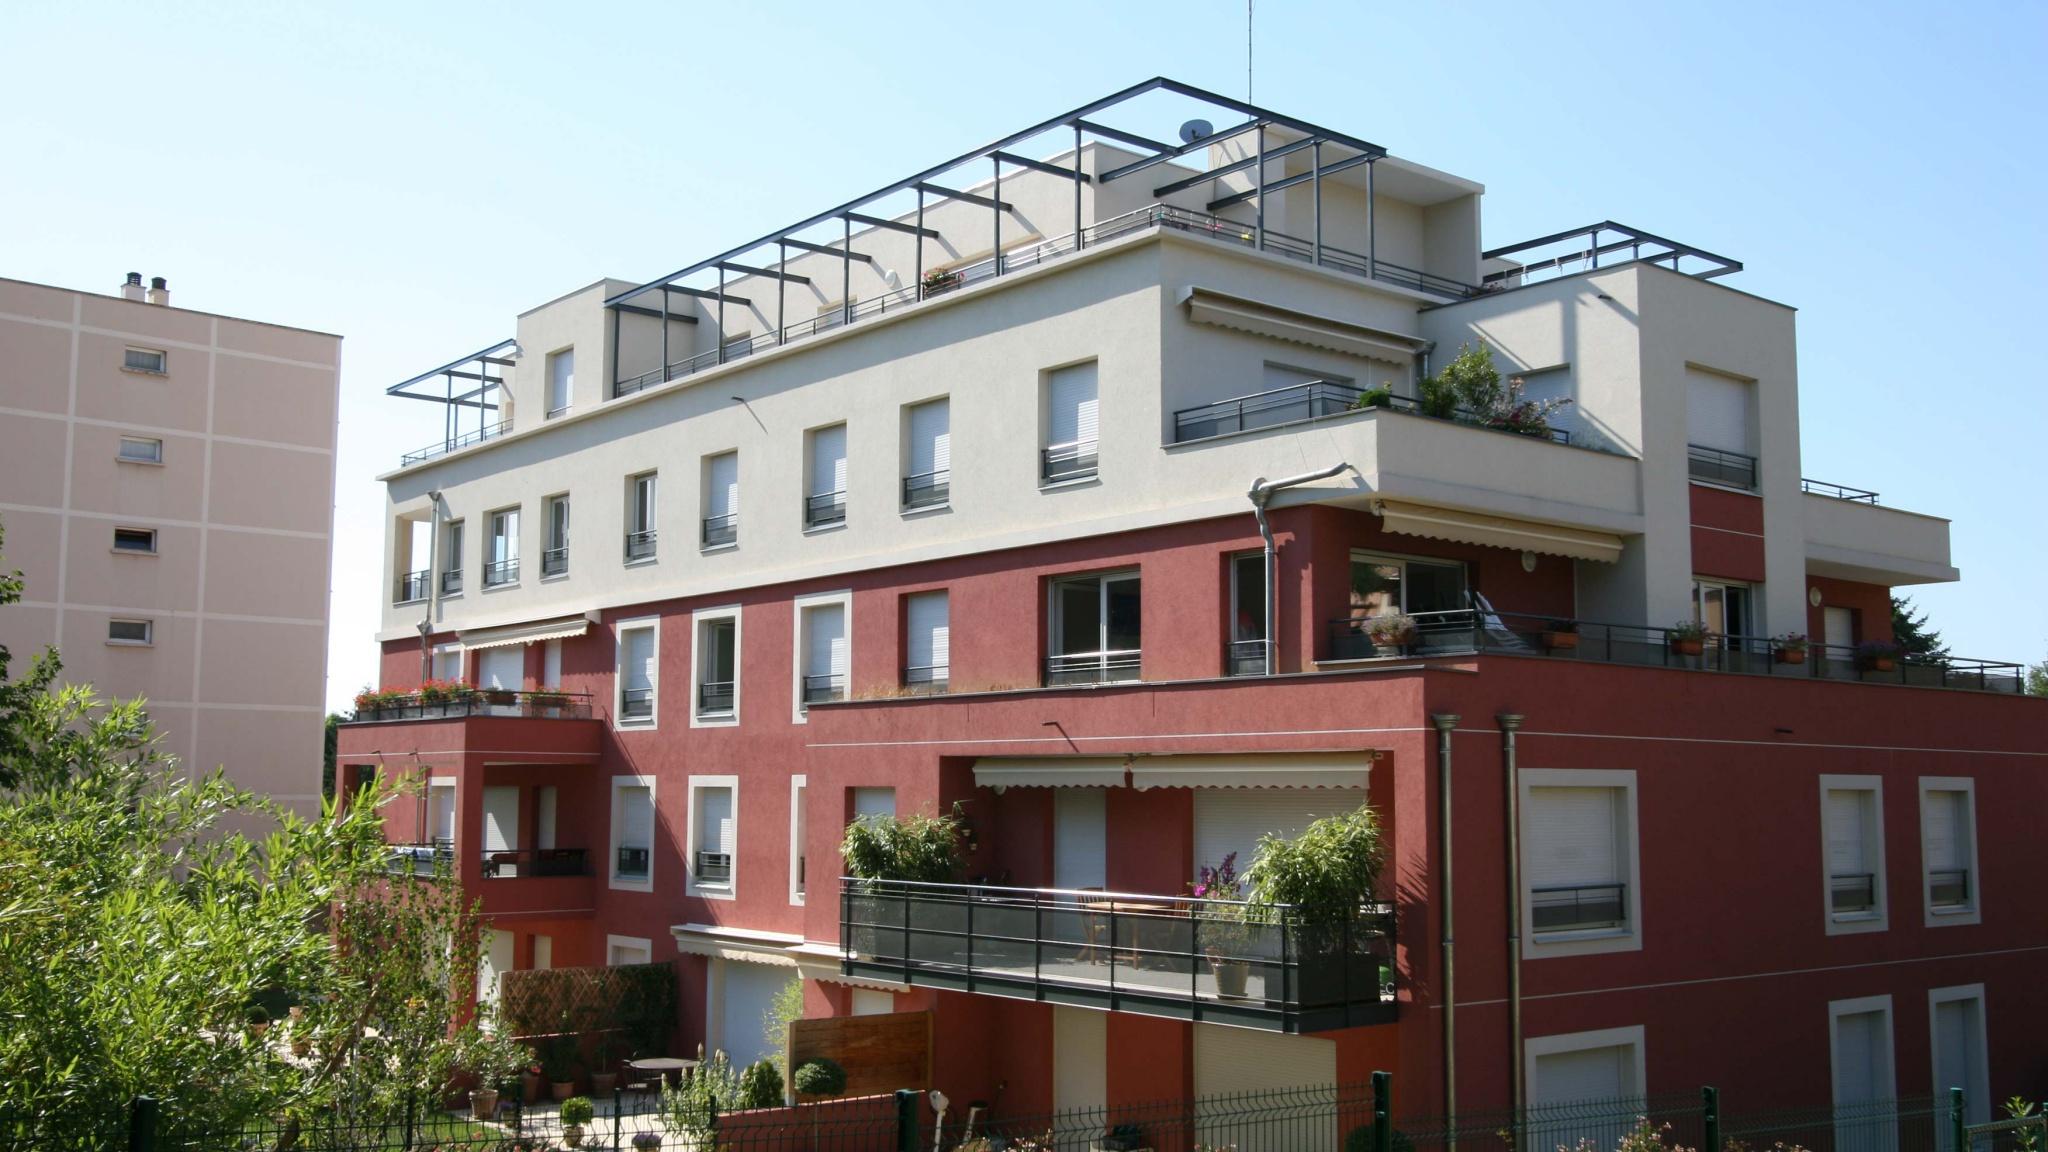 À Sainte-Foy-lès-Lyon, un projet immobilier, pour appartements neufs